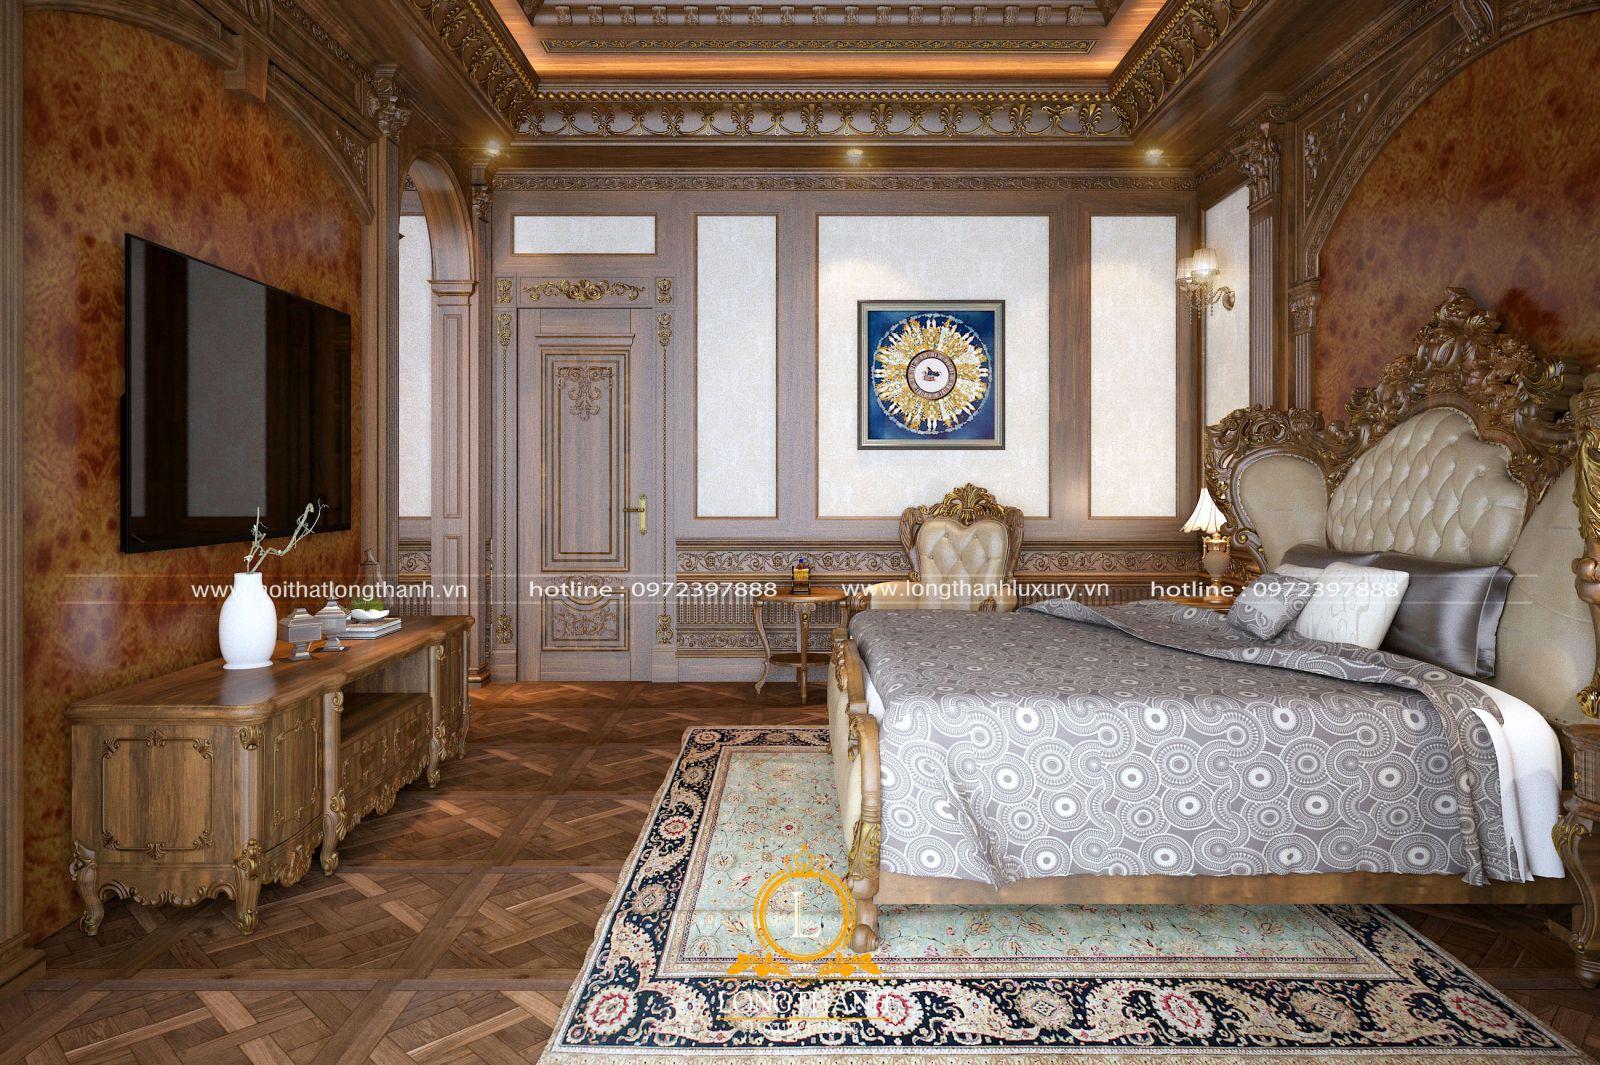 Cả không gian phòng ngủ đều lung linh, tráng lệ